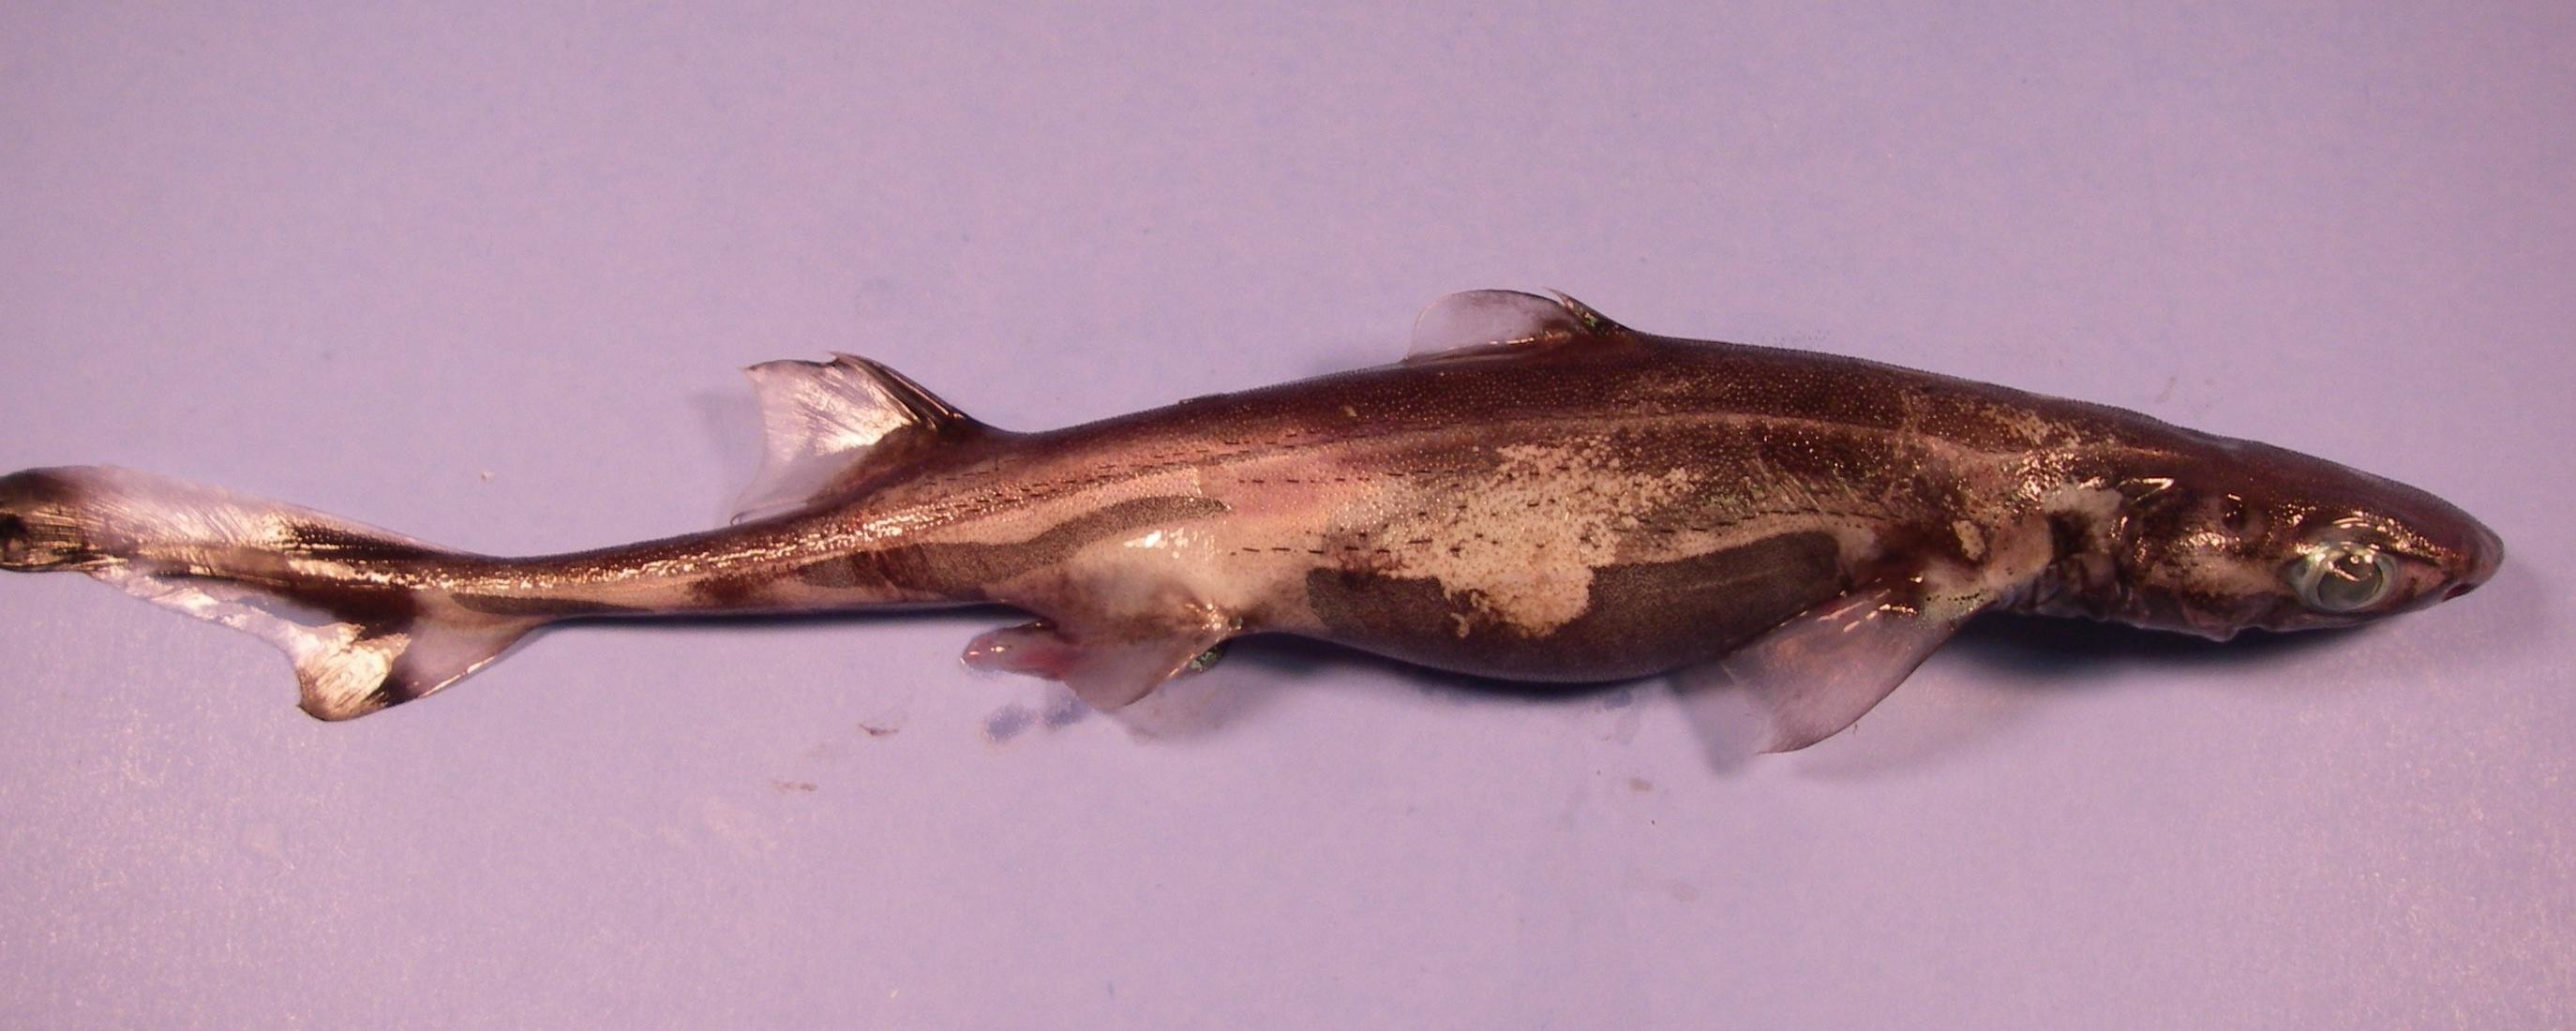 5 Smallest Shark Species